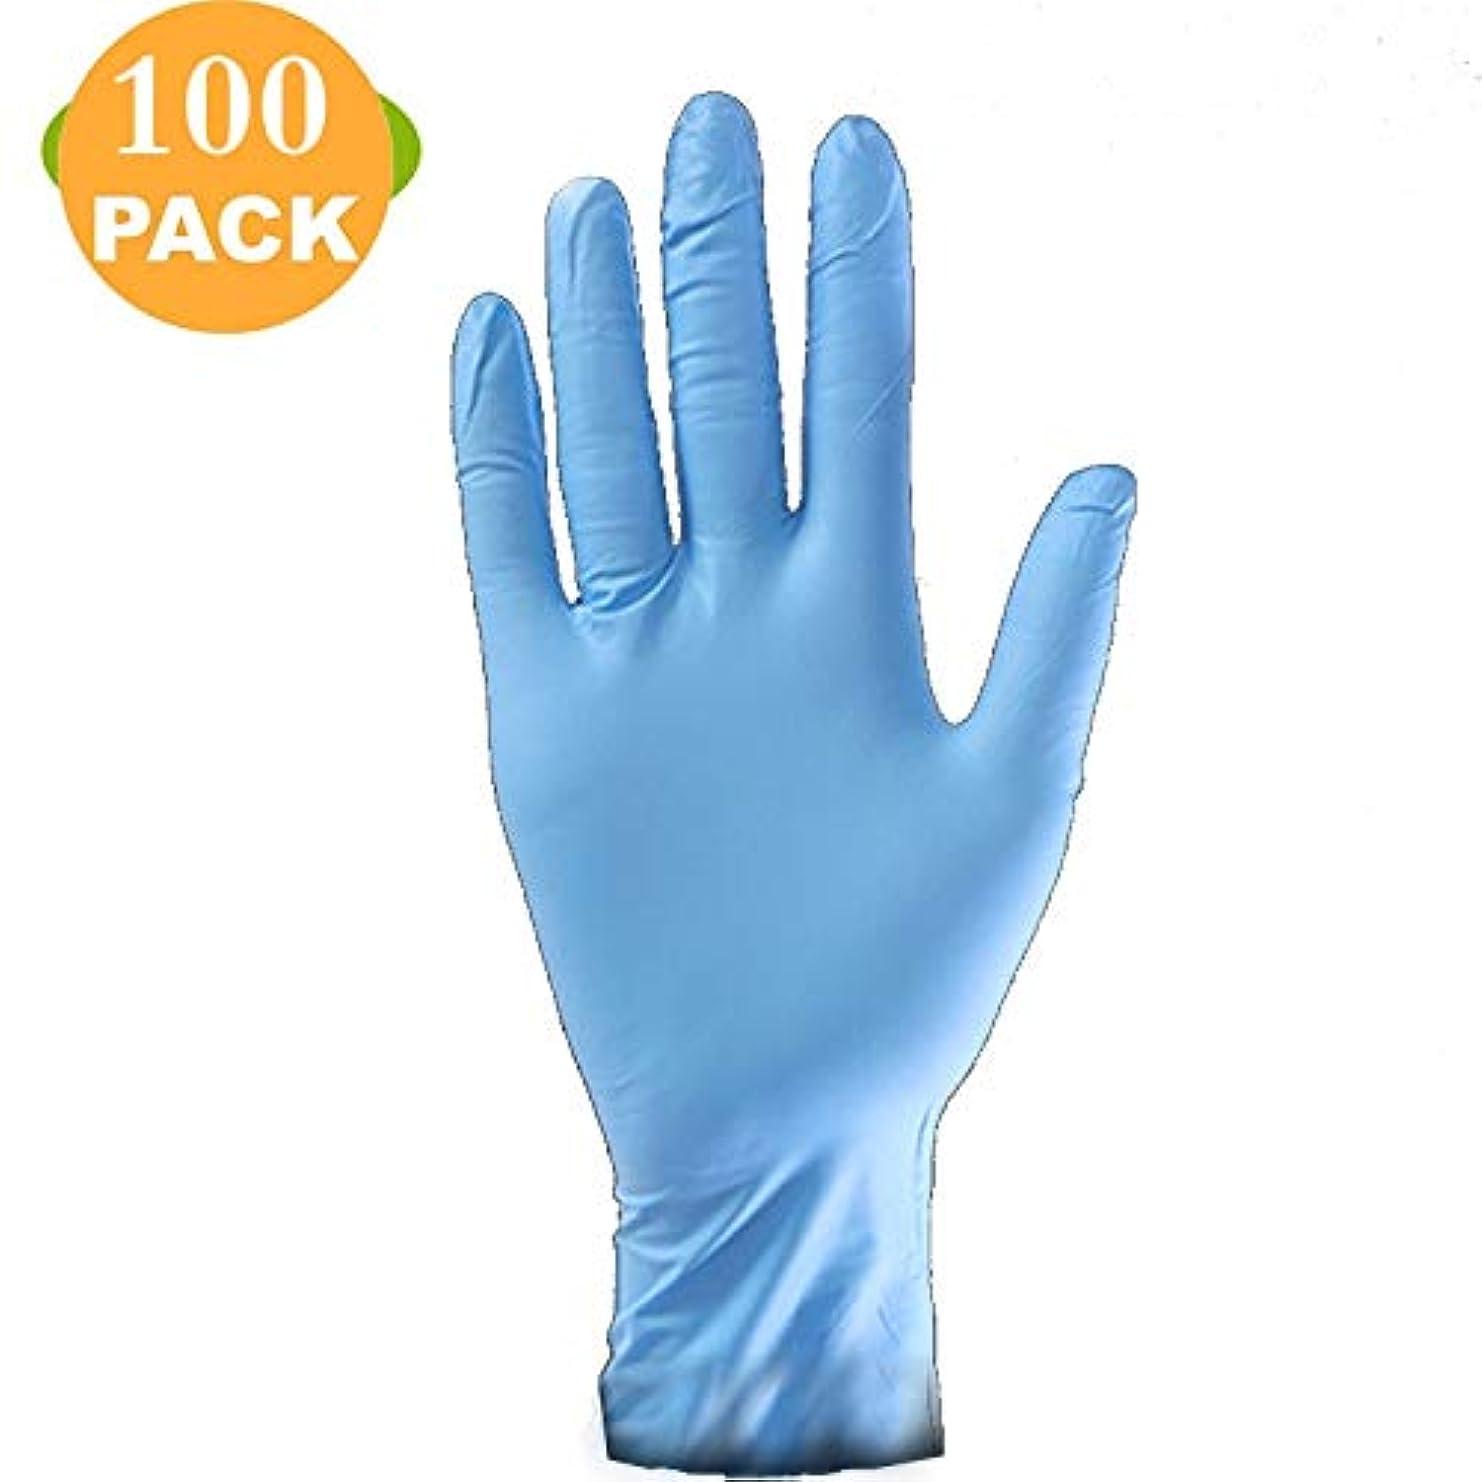 組み込む瞬時に鬼ごっこニトリル使い捨てパウダーフリー耐酸クリーン美容ネイルサロン油と酸耐性-100パーボックス (Color : Blue, Size : M)